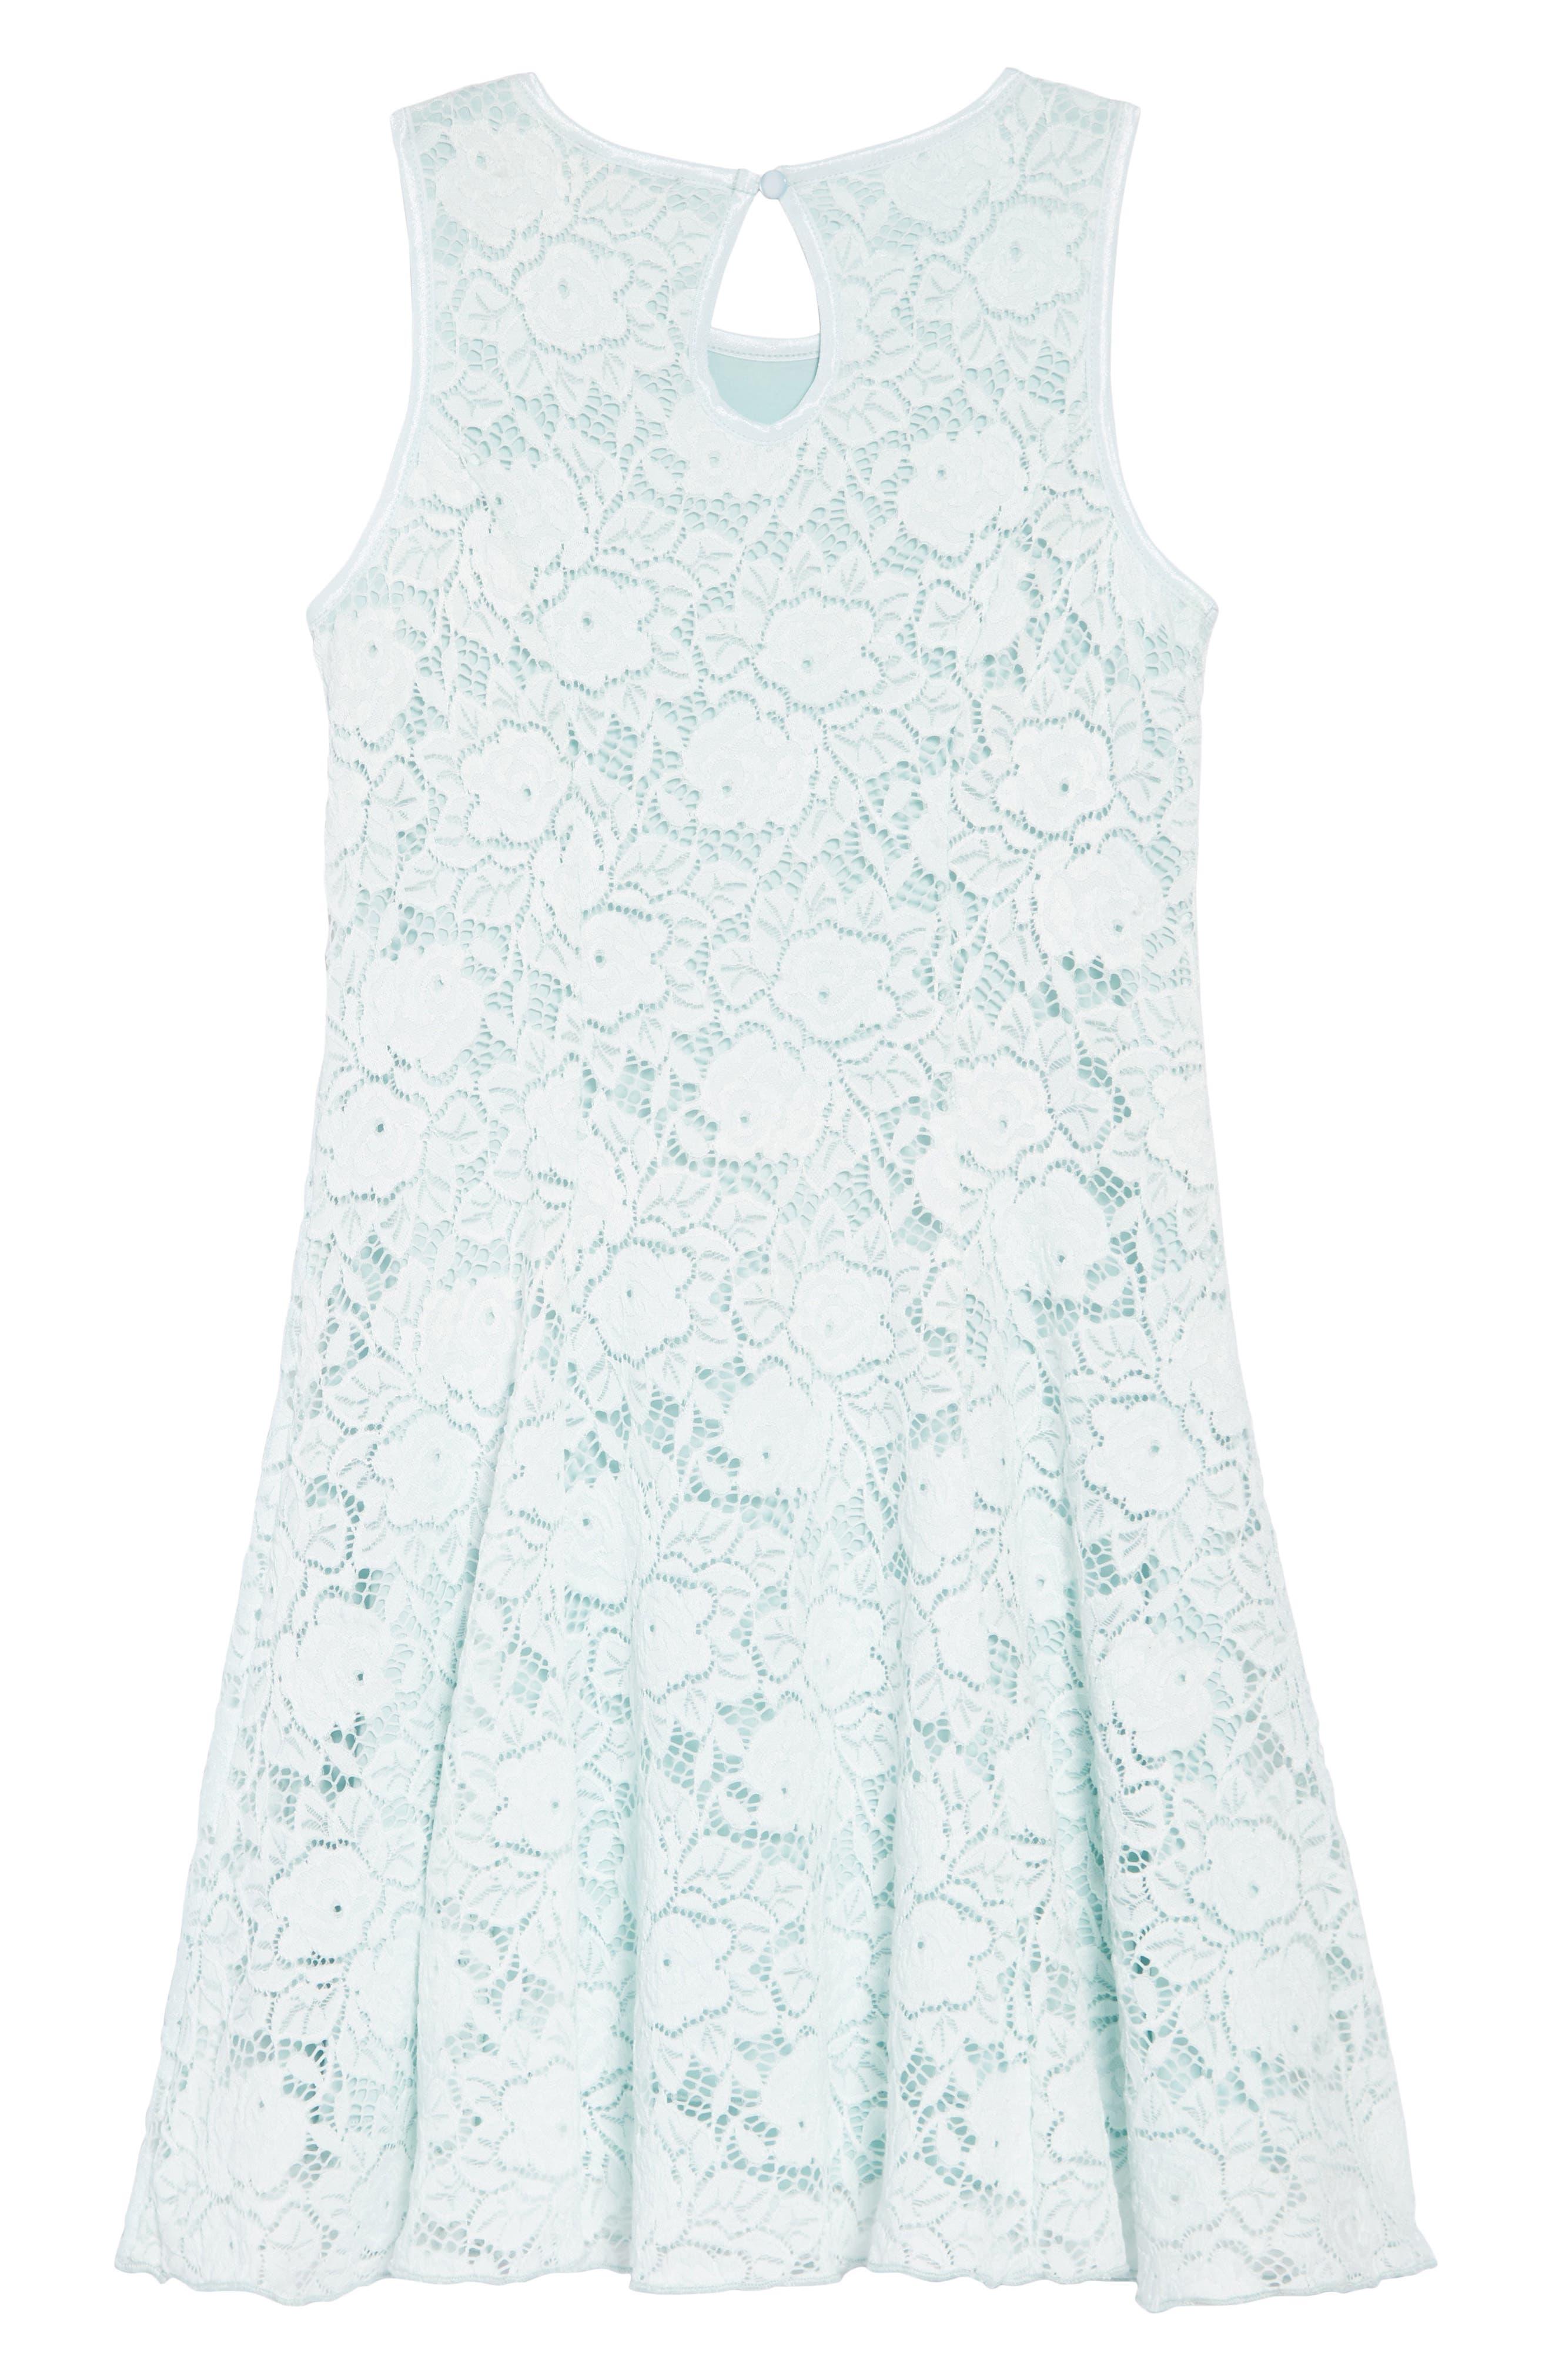 ZUNIE, Lace Skater Dress, Alternate thumbnail 2, color, MINT